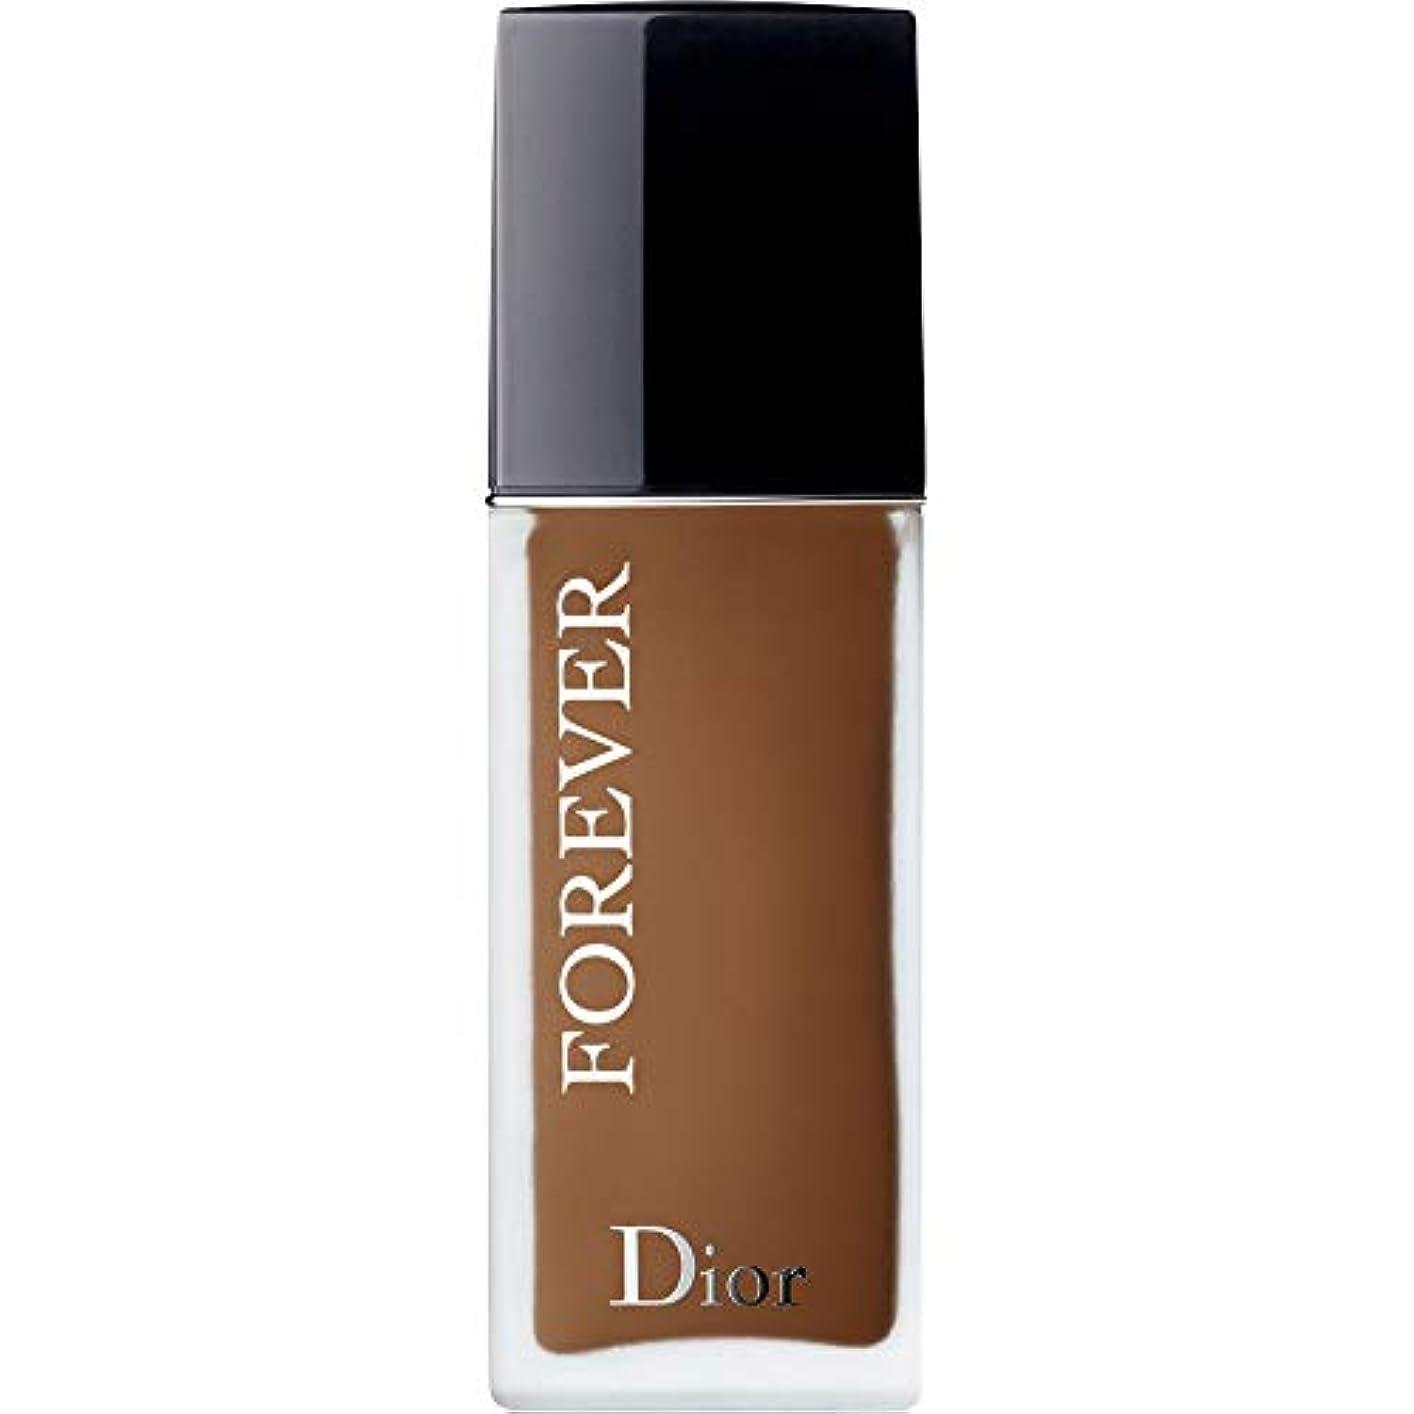 ジャンピングジャック花瓶好意[Dior ] ディオール永遠皮膚思いやりの基盤Spf35 30ミリリットルの7.5N - ニュートラル(つや消し) - DIOR Forever Skin-Caring Foundation SPF35 30ml 7.5N...